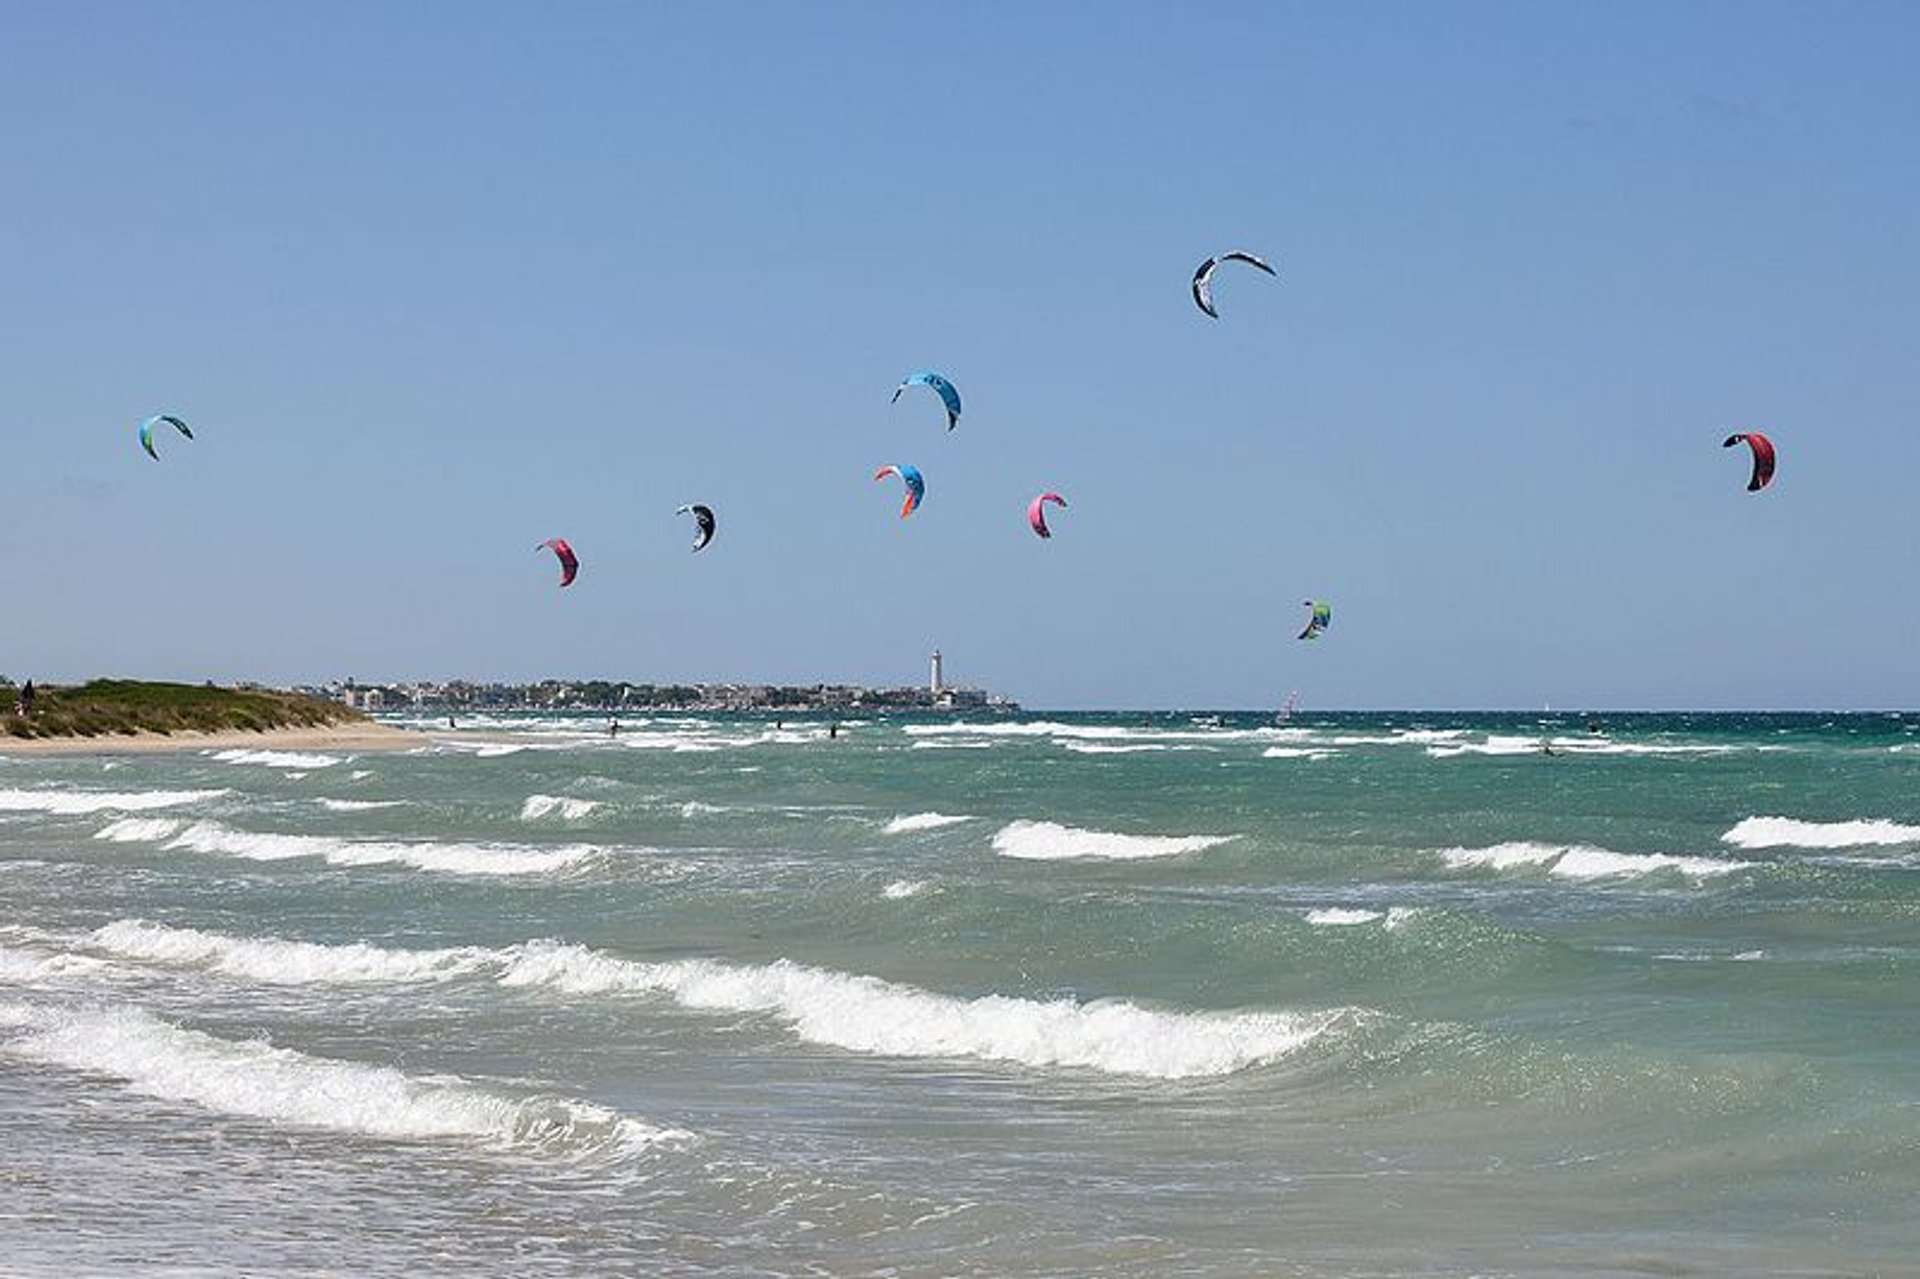 Adriatic Sea 2020